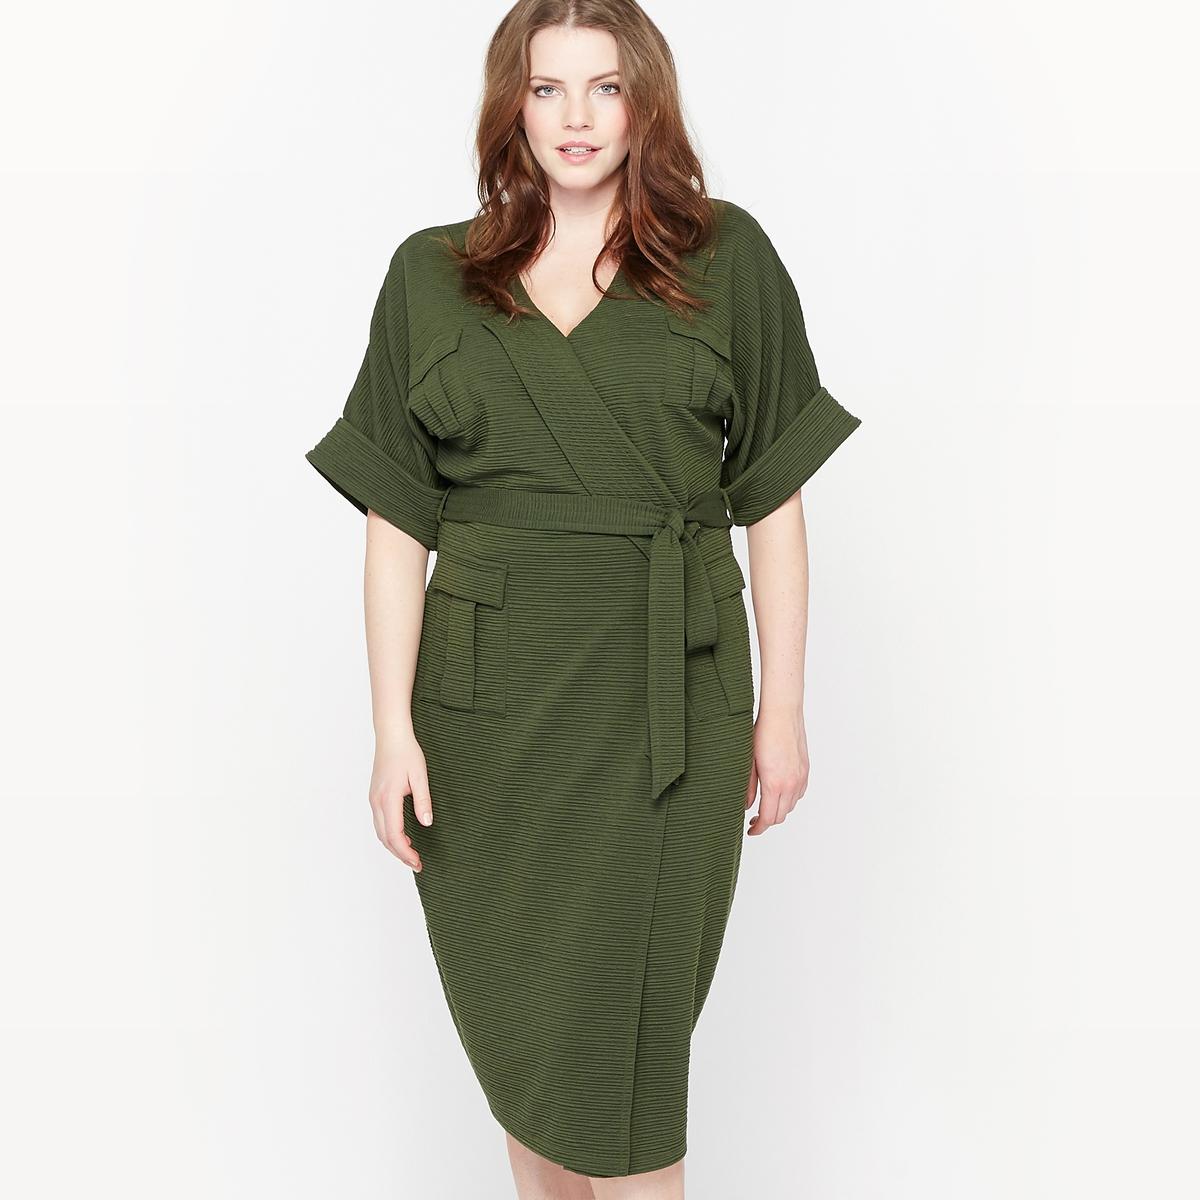 Платье в стиле милитари из рельефного трикотажаСостав и описание :Материал : рельефный трикотаж, 98% полиэстера, 2% эластанаДлина : 108 см для размера 48.Марка : CASTALUNAУход : Машинная стирка при 30 °С.<br><br>Цвет: зеленый мох